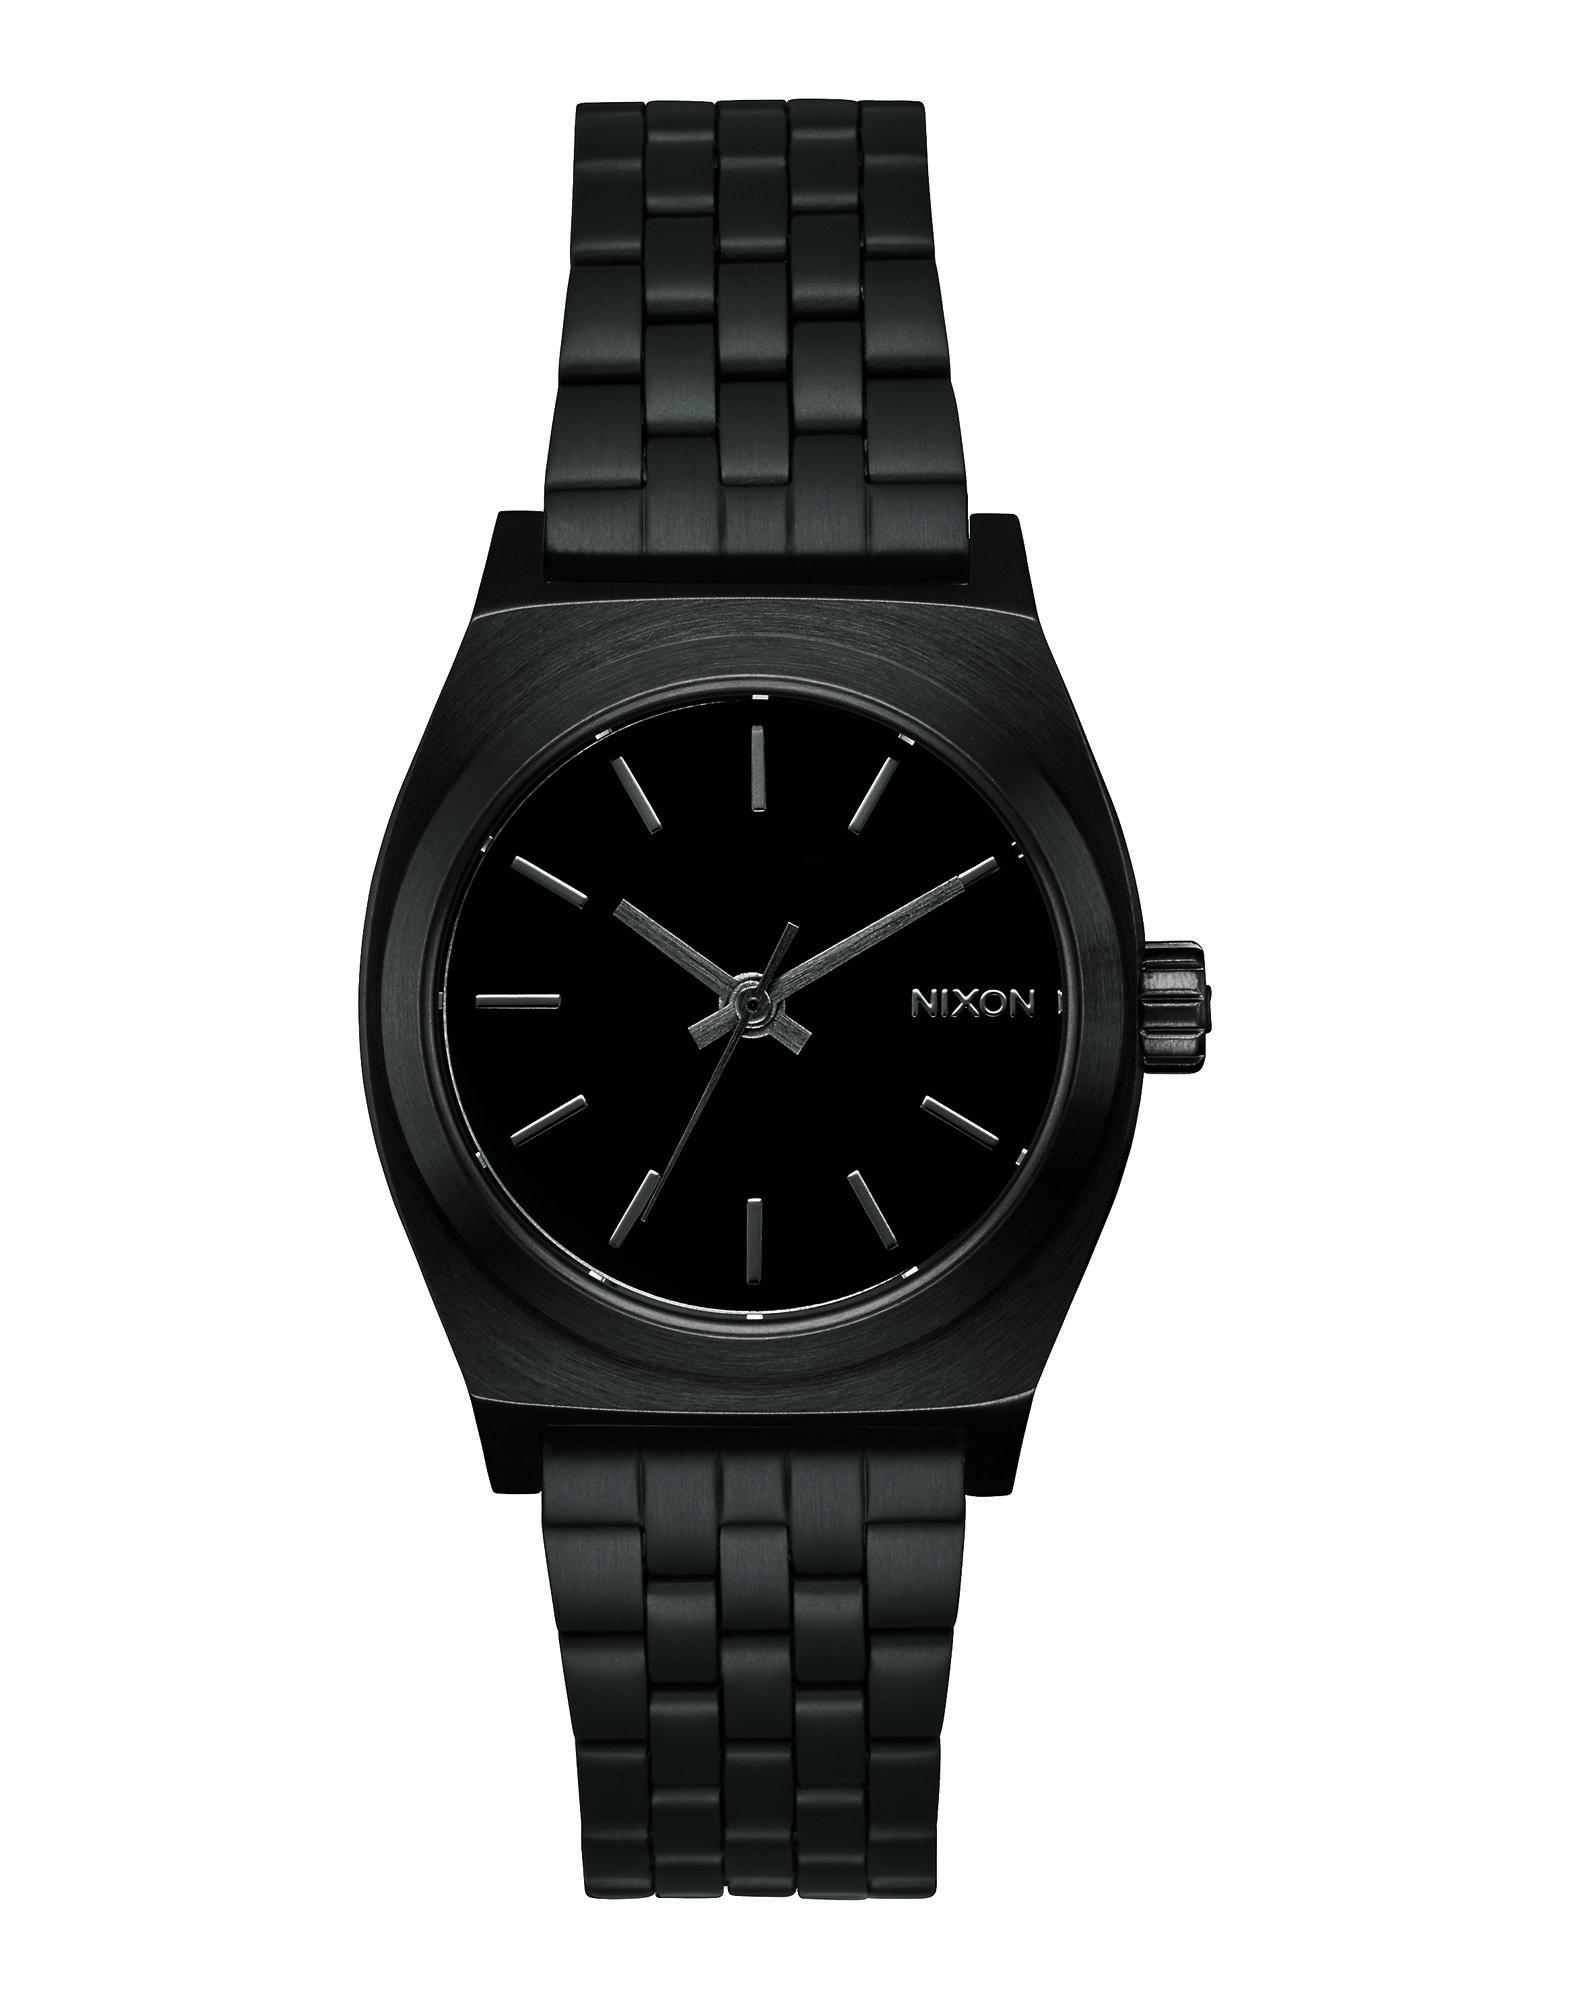 NIXON Наручные часы часы nixon time teller deluxe leather navy sunray brow